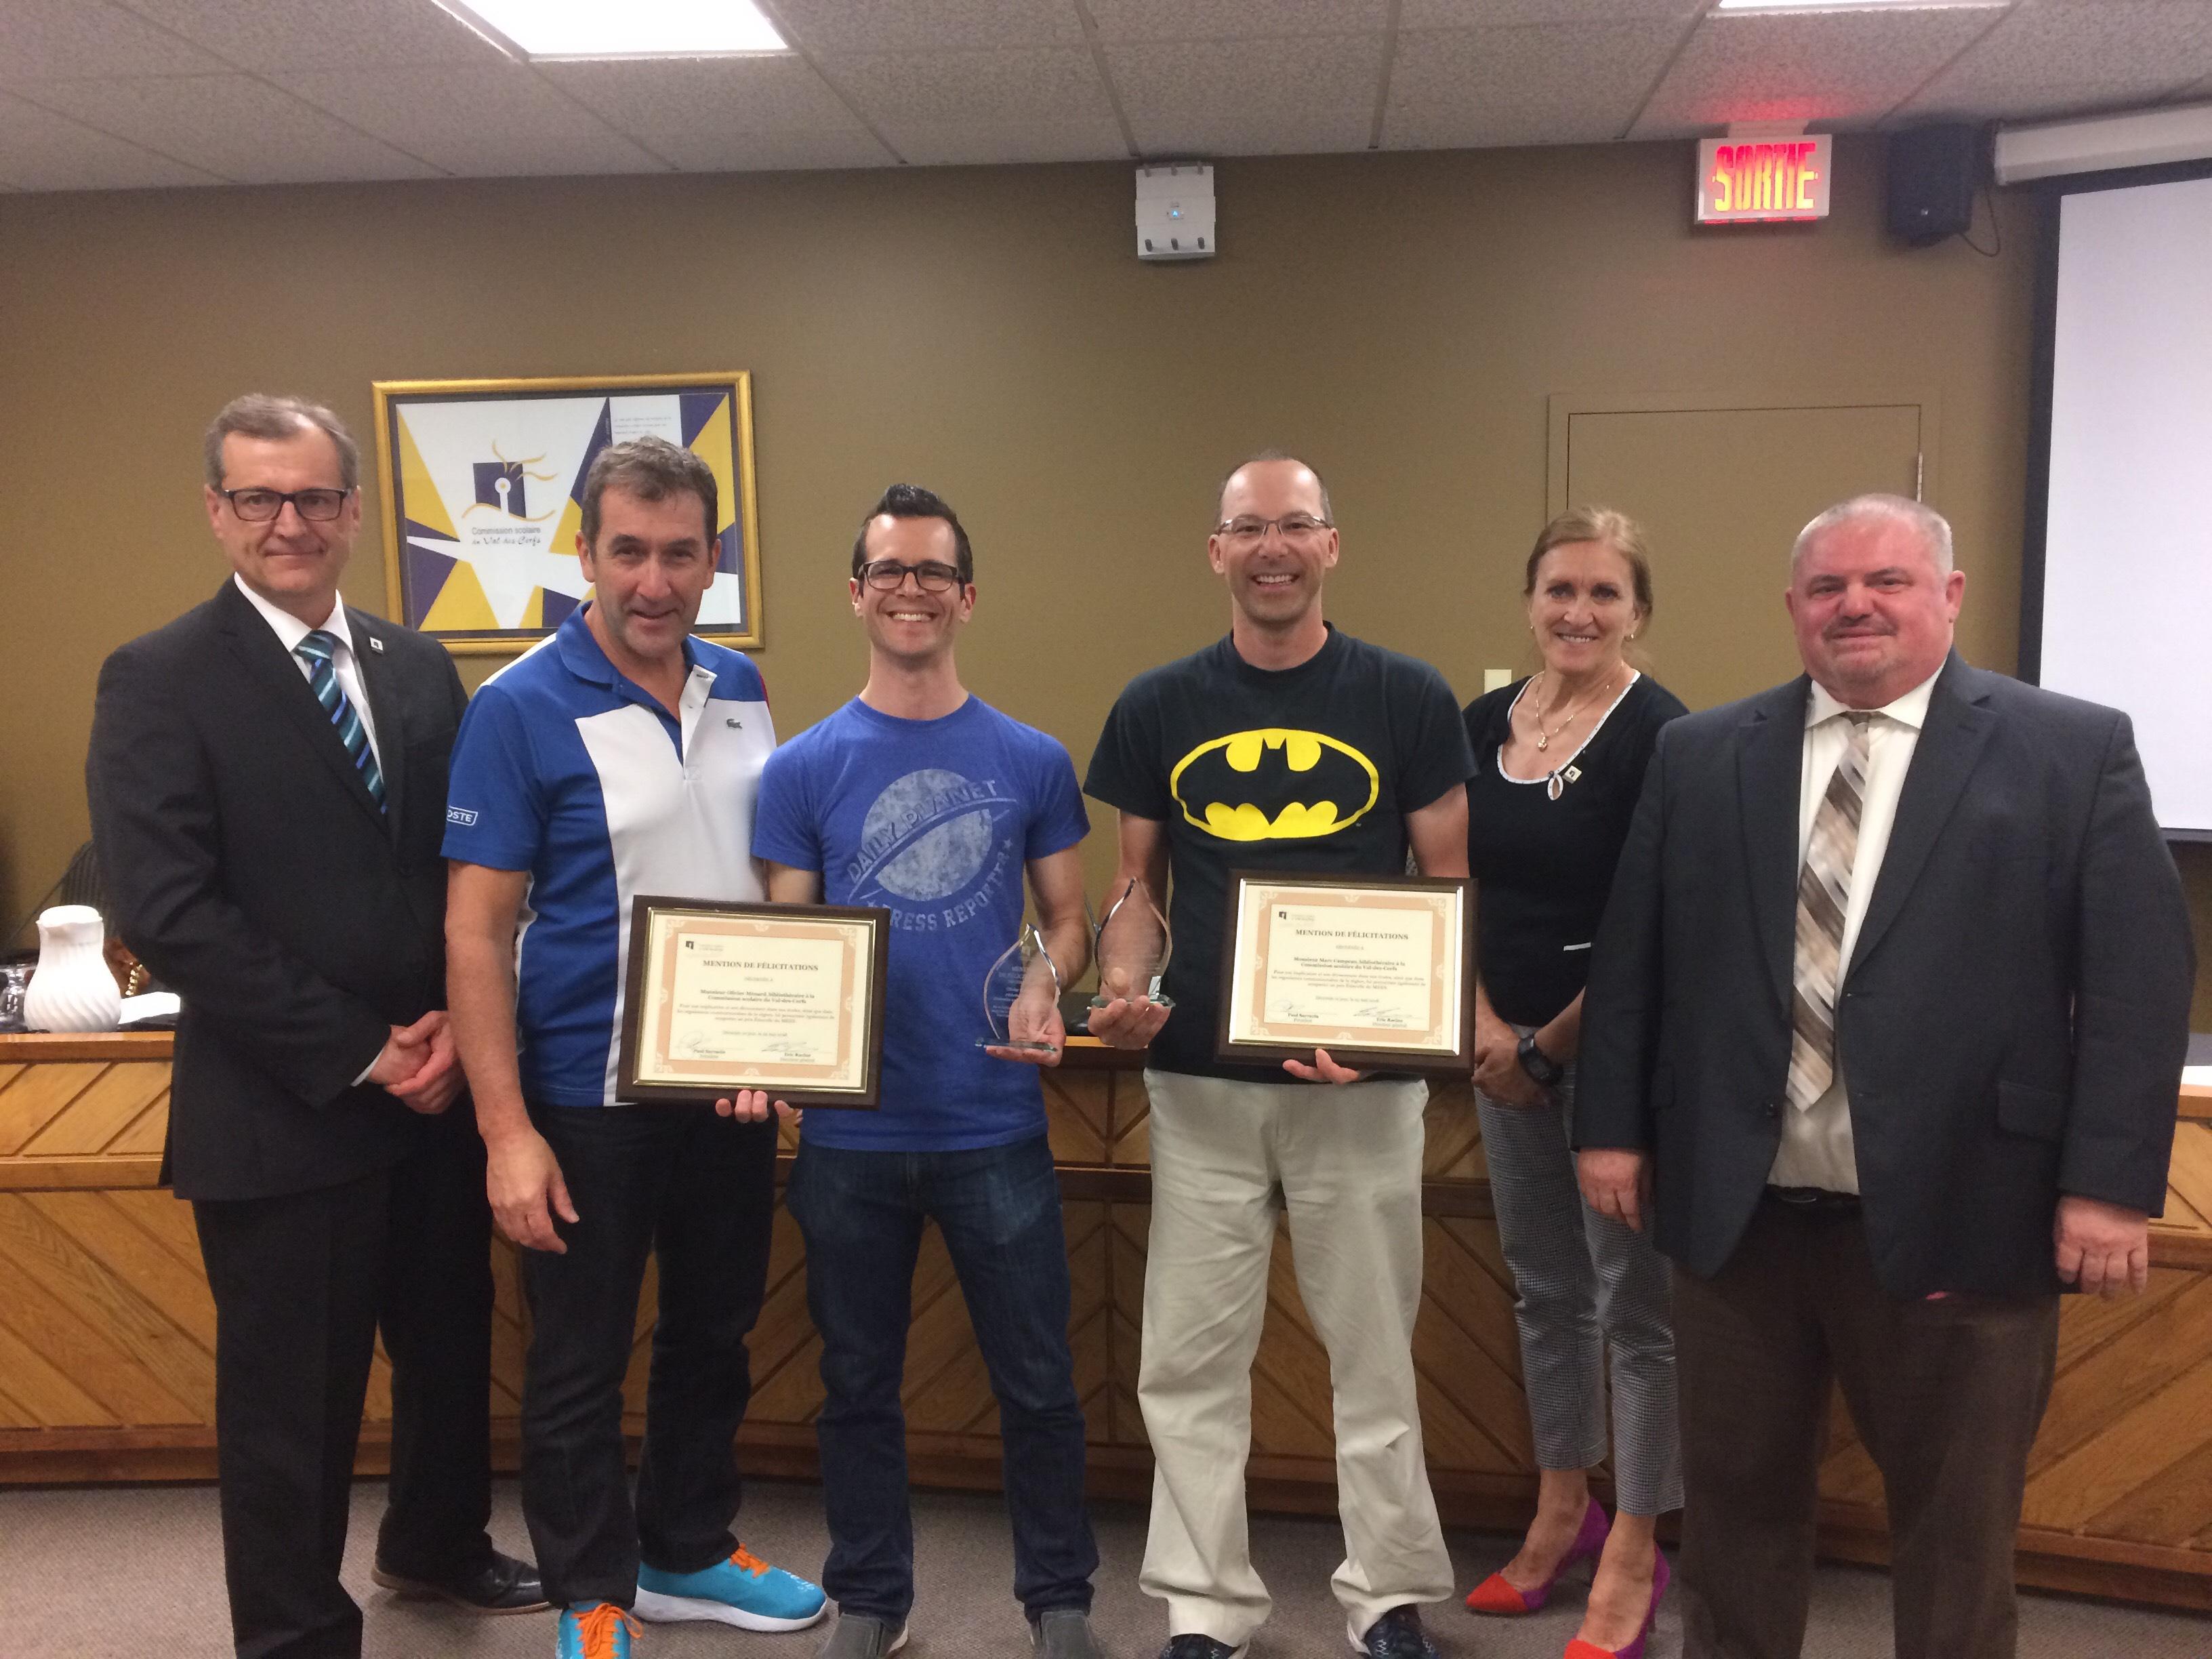 Les superhéros des livres honorés par le Conseil des commissaires de la CSVDC!